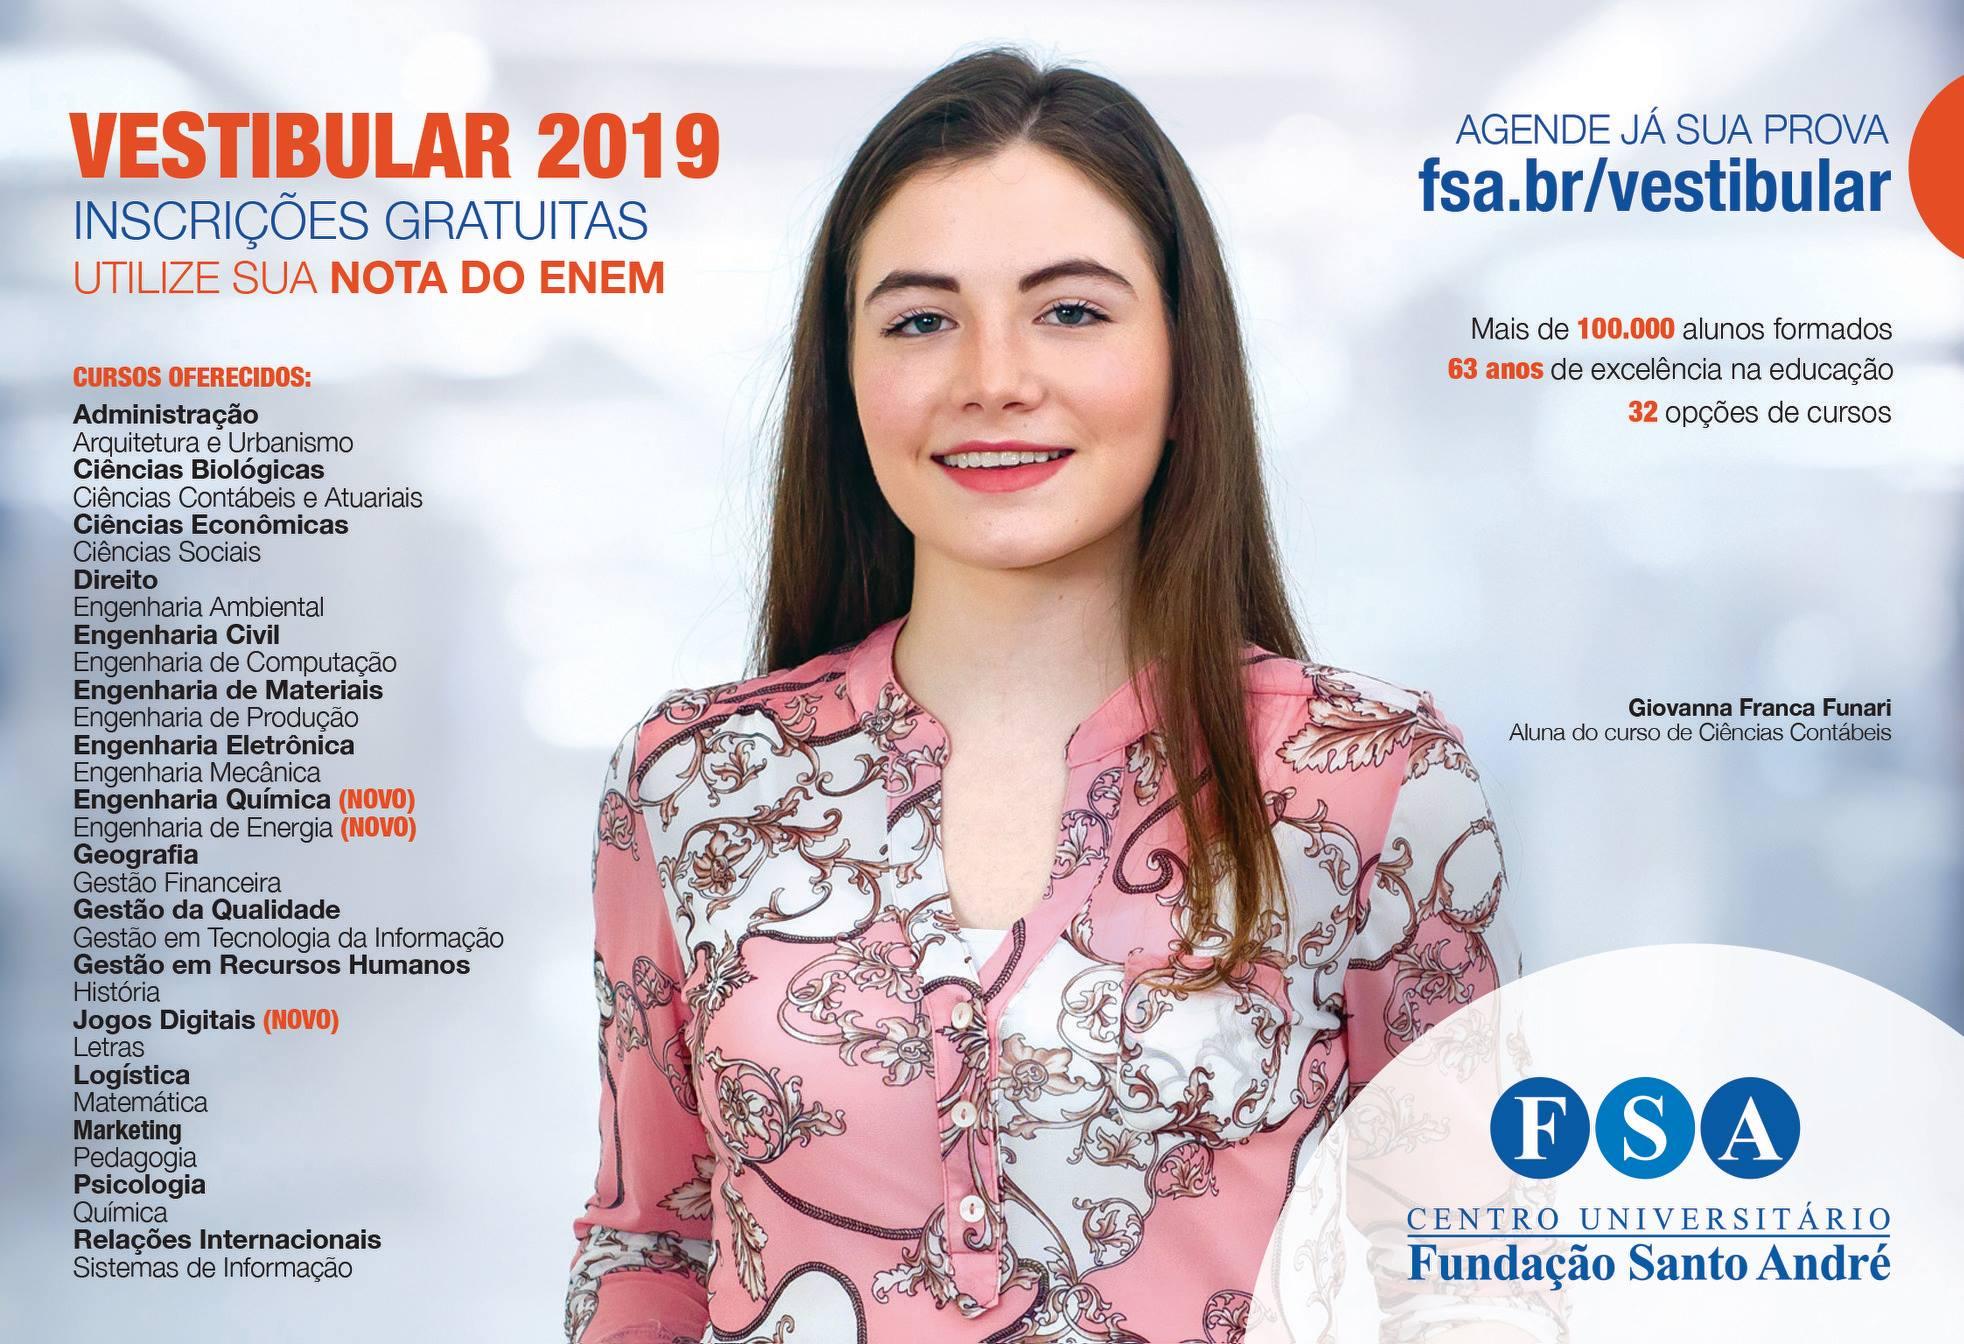 Fundação Santo André abre inscrições para vestibular 2019 e lança três novos cursos